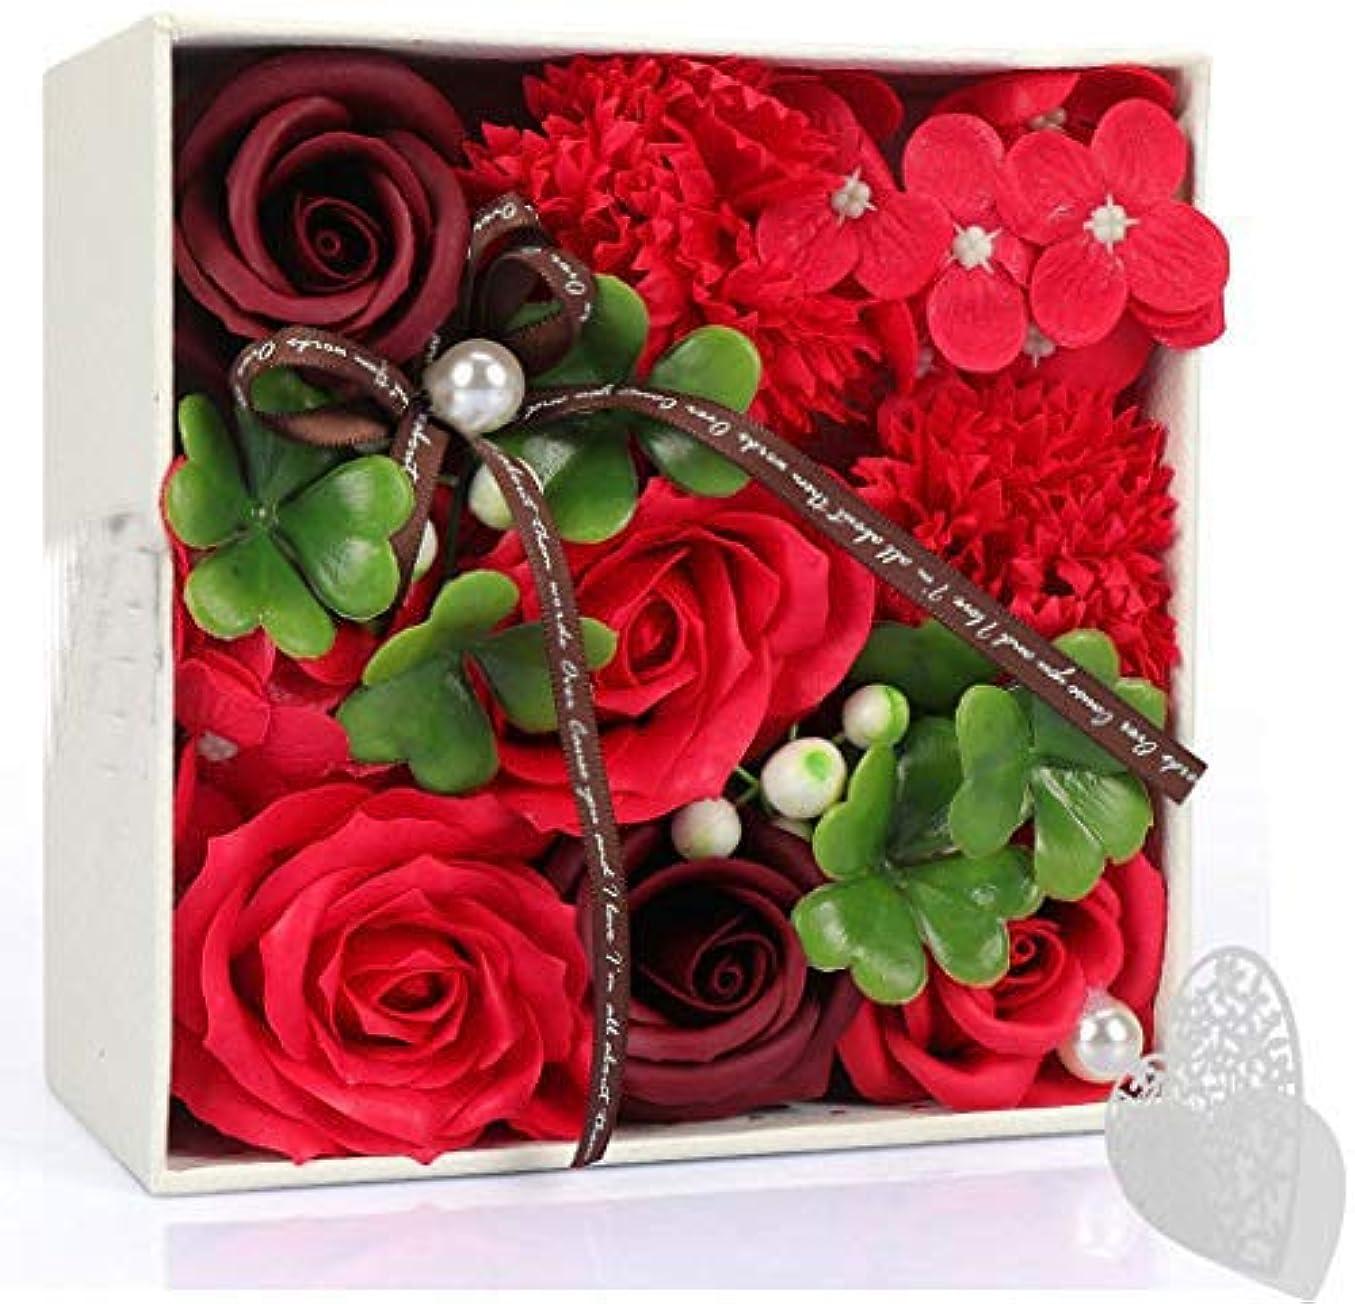 許される大使整理するソープフラワー フラワー 創意花かごギフトボックス 誕生日 記念日 母の日 先生の日 バレンタインデー 昇進 転居など最適としてのプレゼント